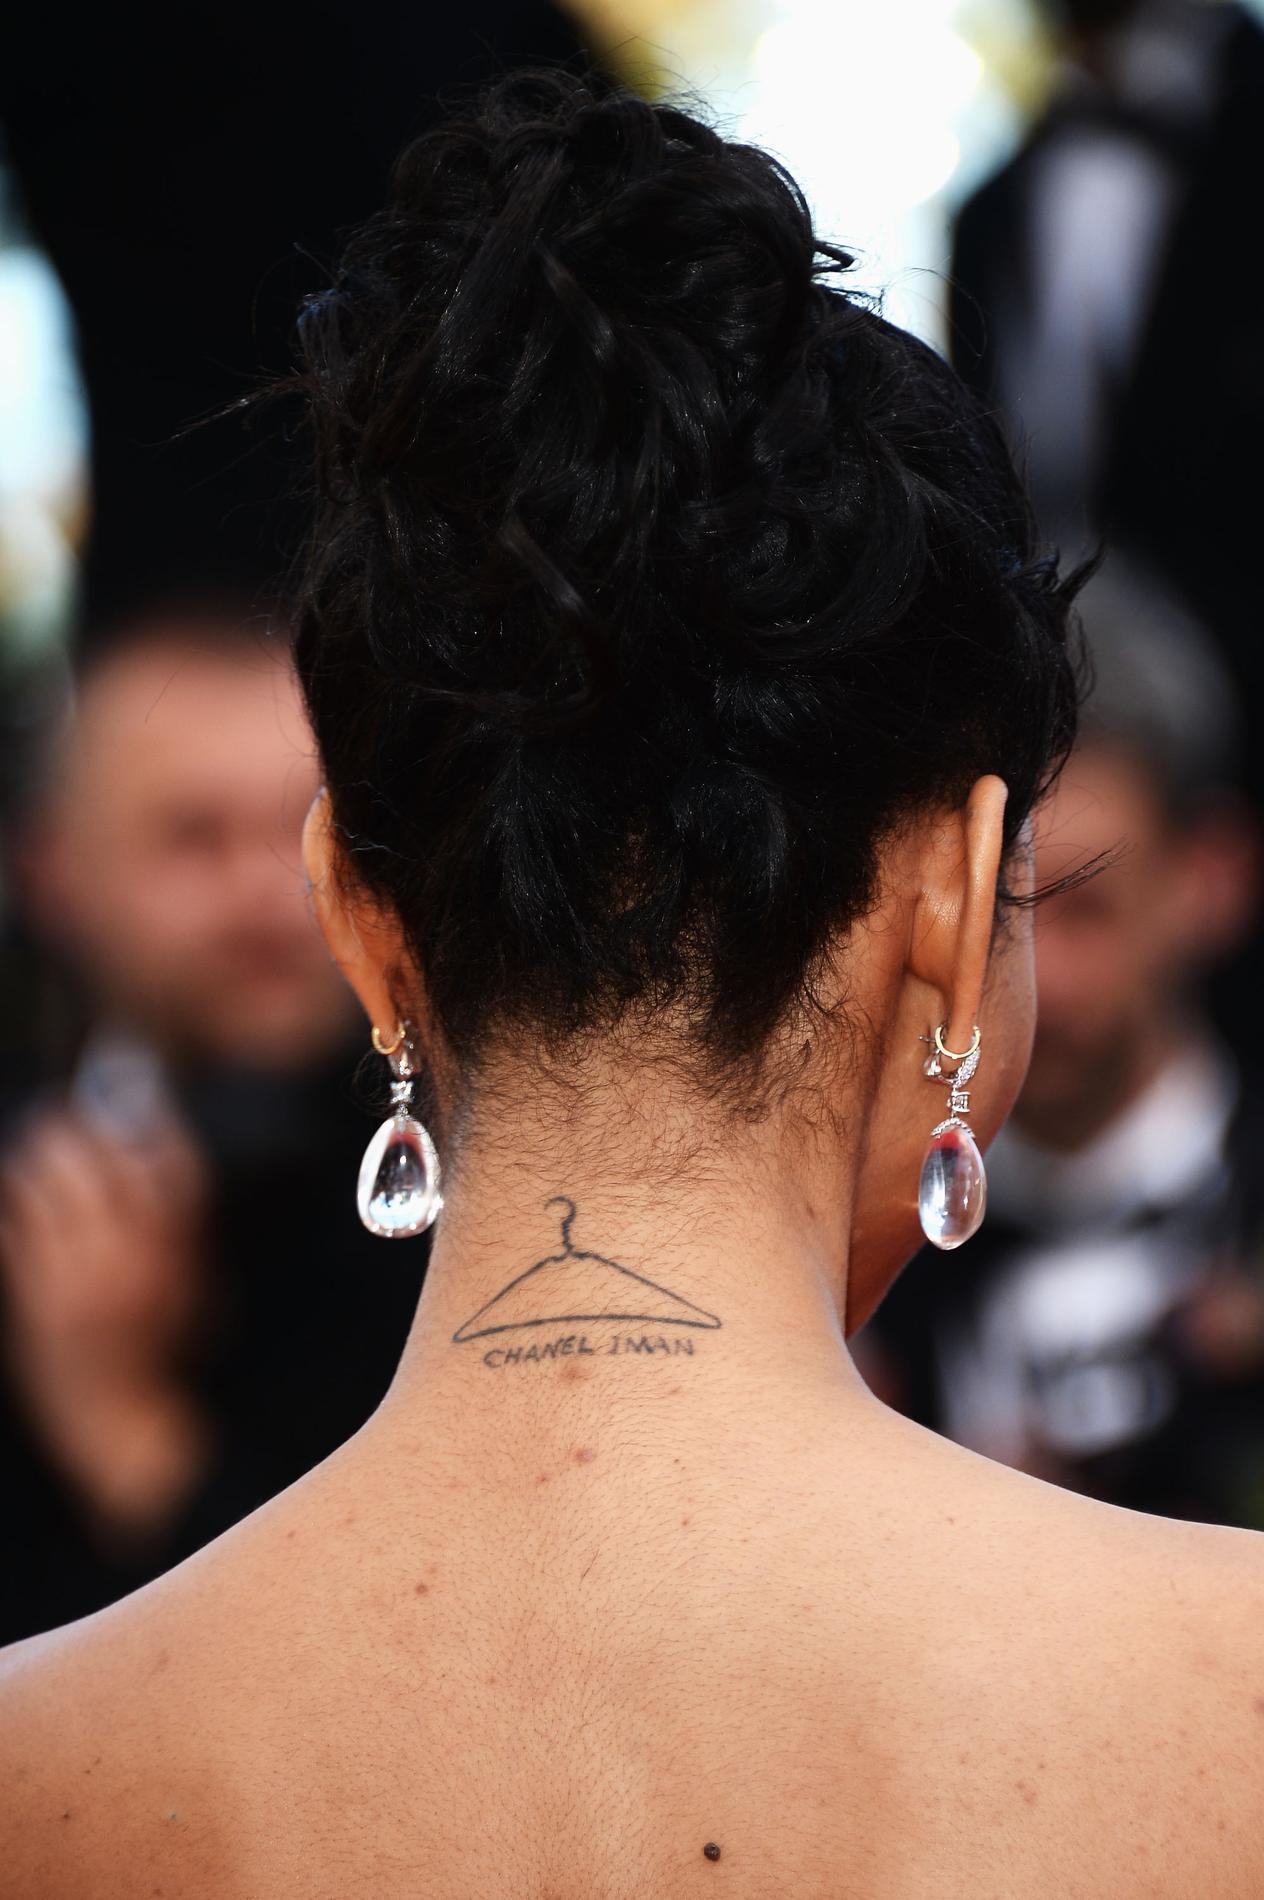 belle femme nue tatoue signification tête nue sur une photo d identité